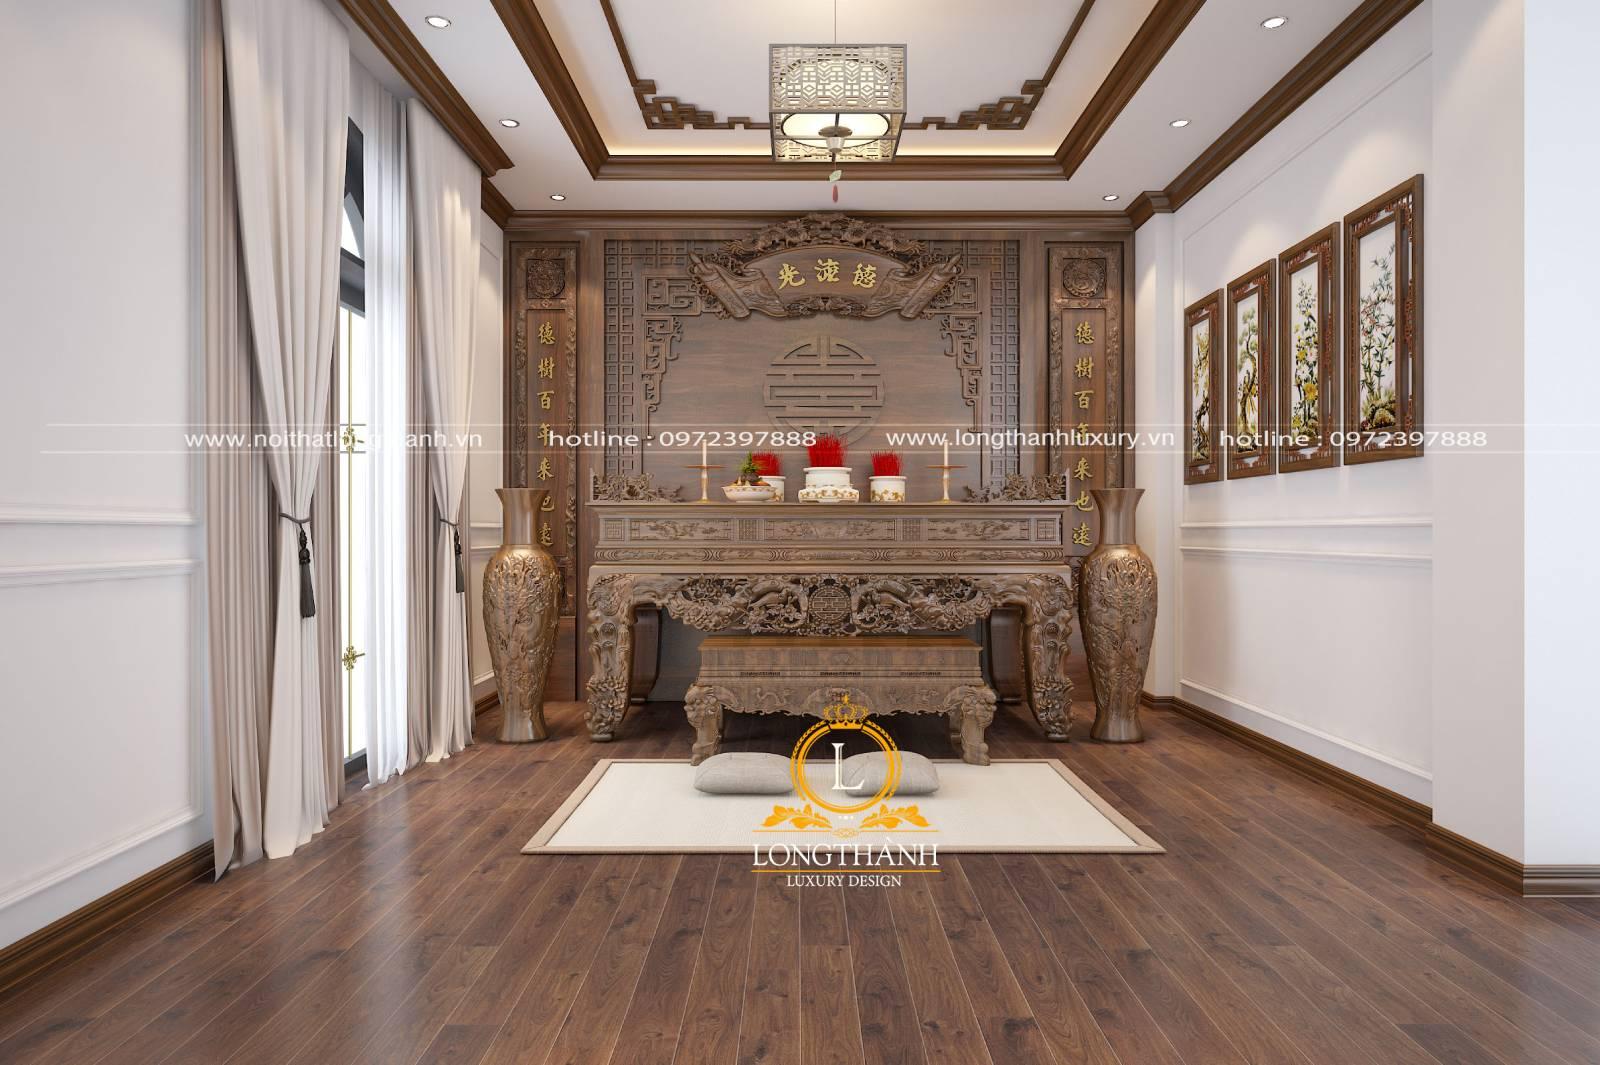 Mẫu thiết kế bàn thờ đẹp cho nhà ở chung cư